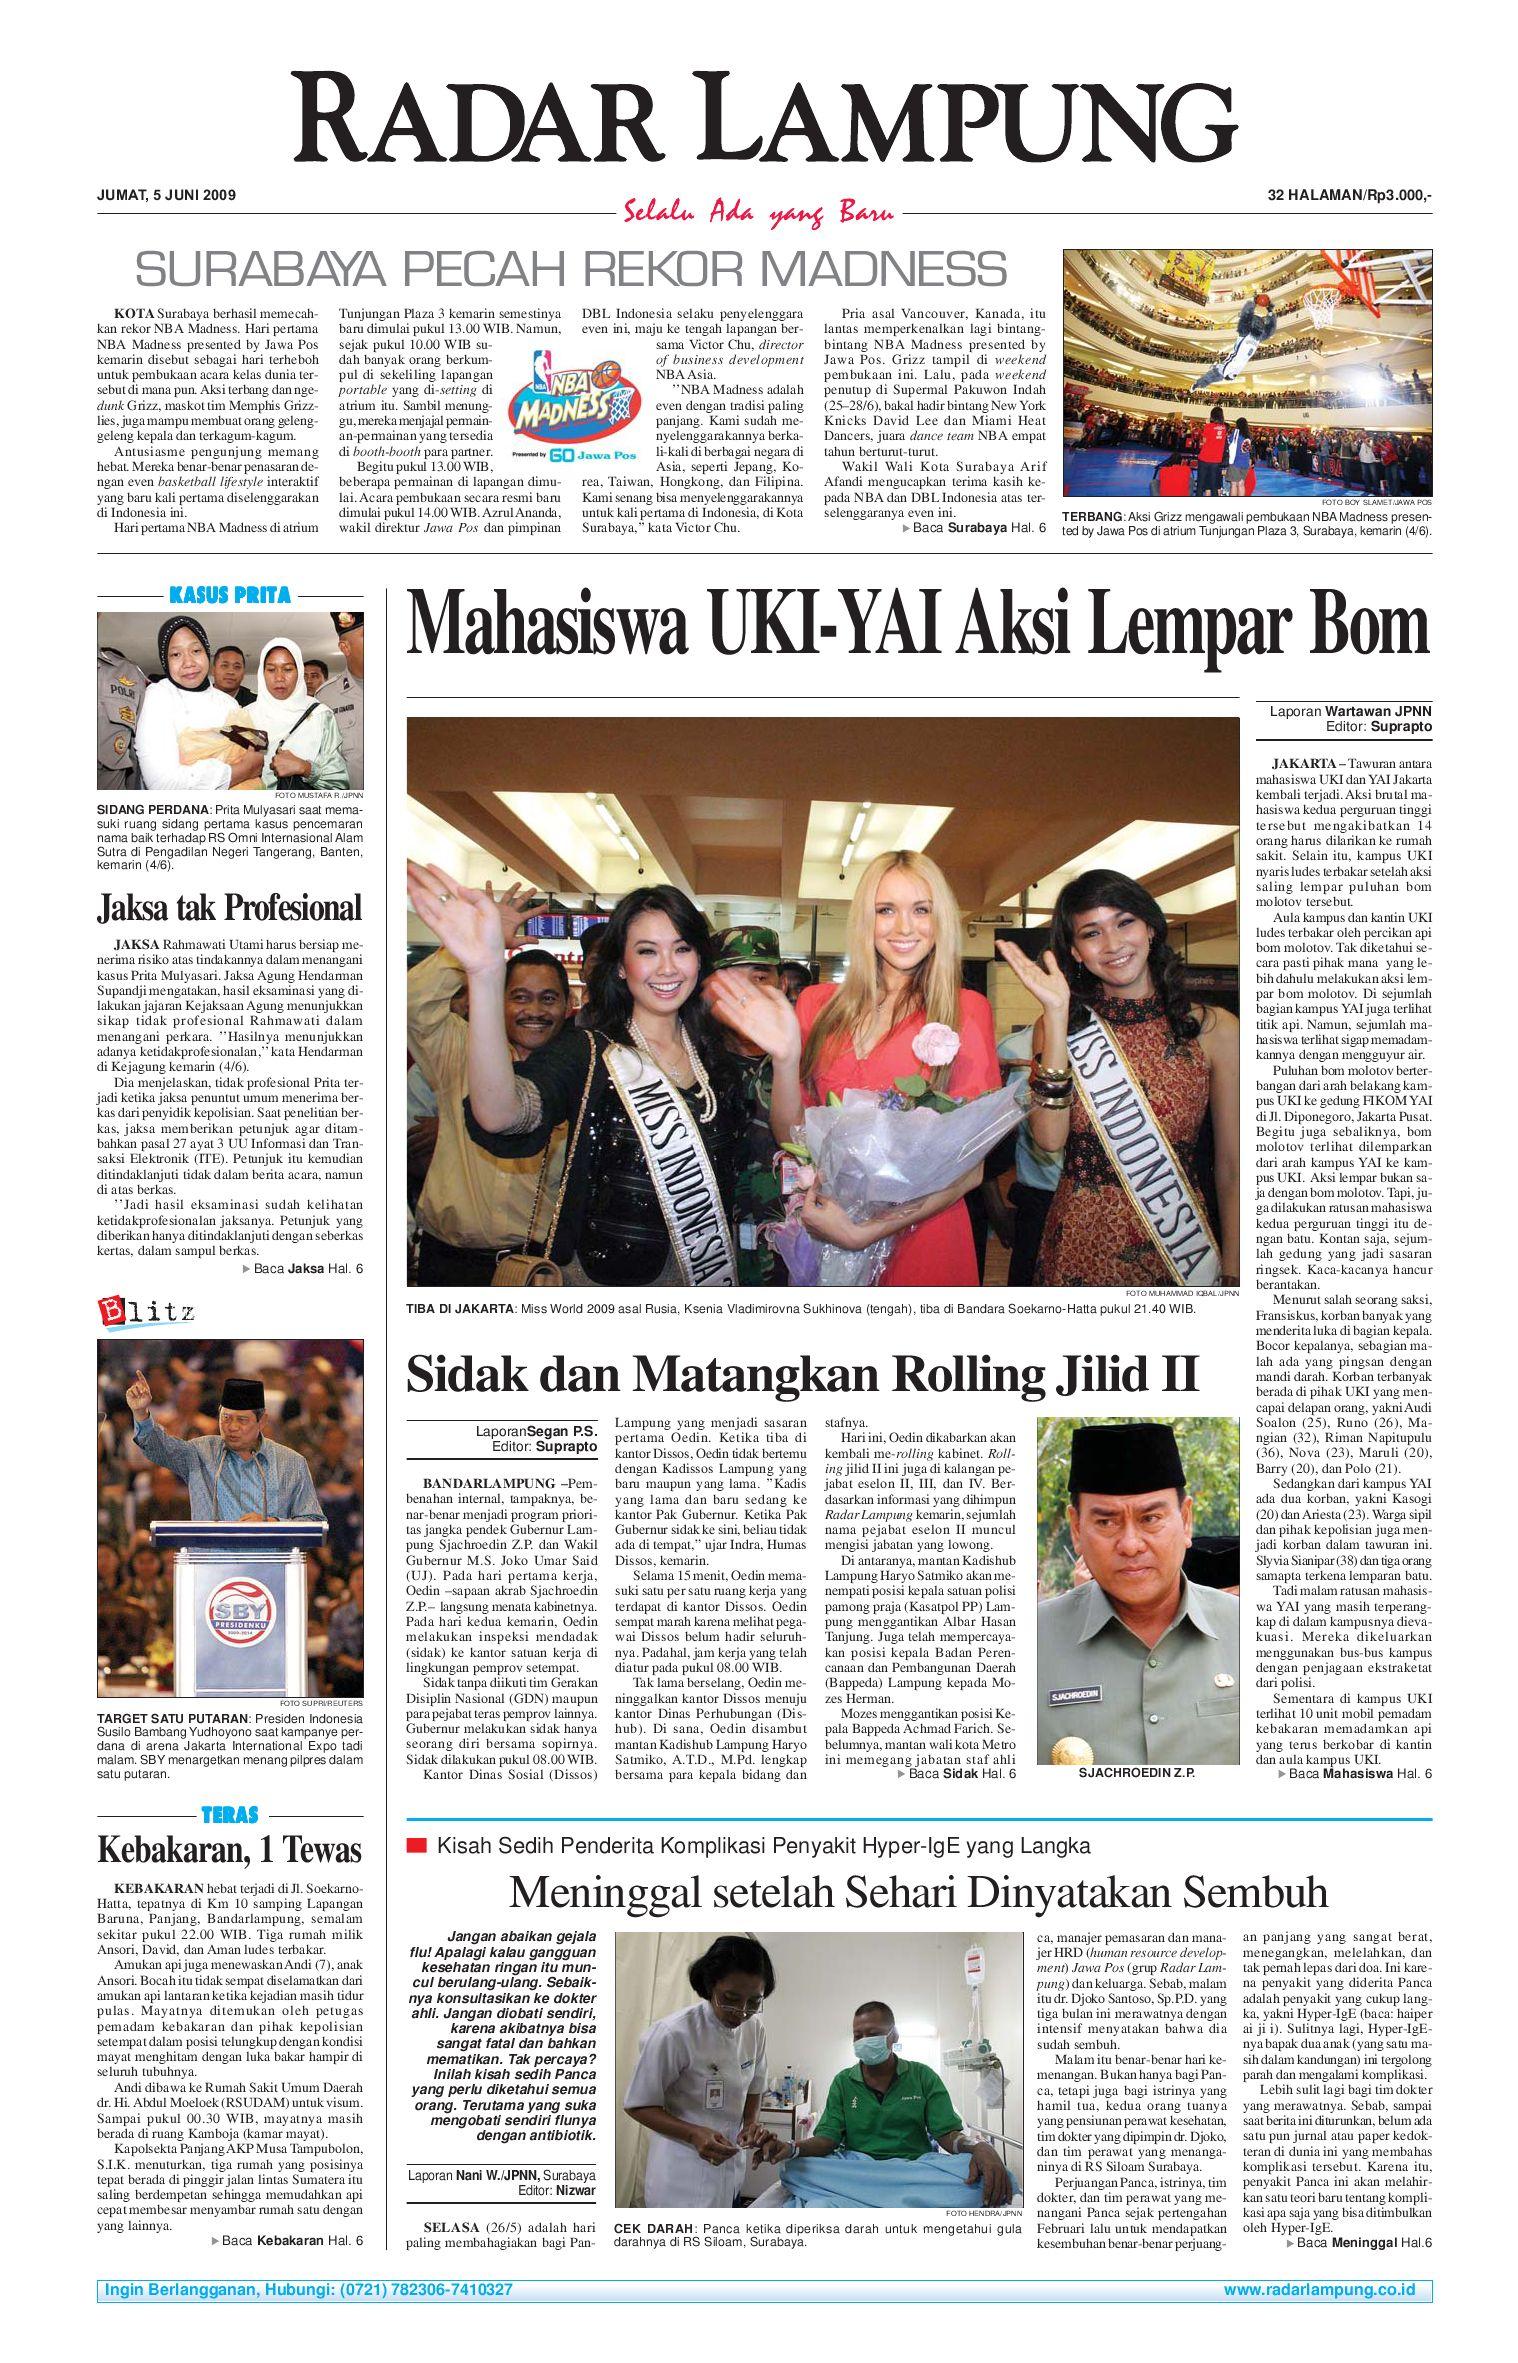 Radar Lampung Jumat 5 Juni 2009 By Issuu Parcel Makanan Ampamp Keramik Pja 1608